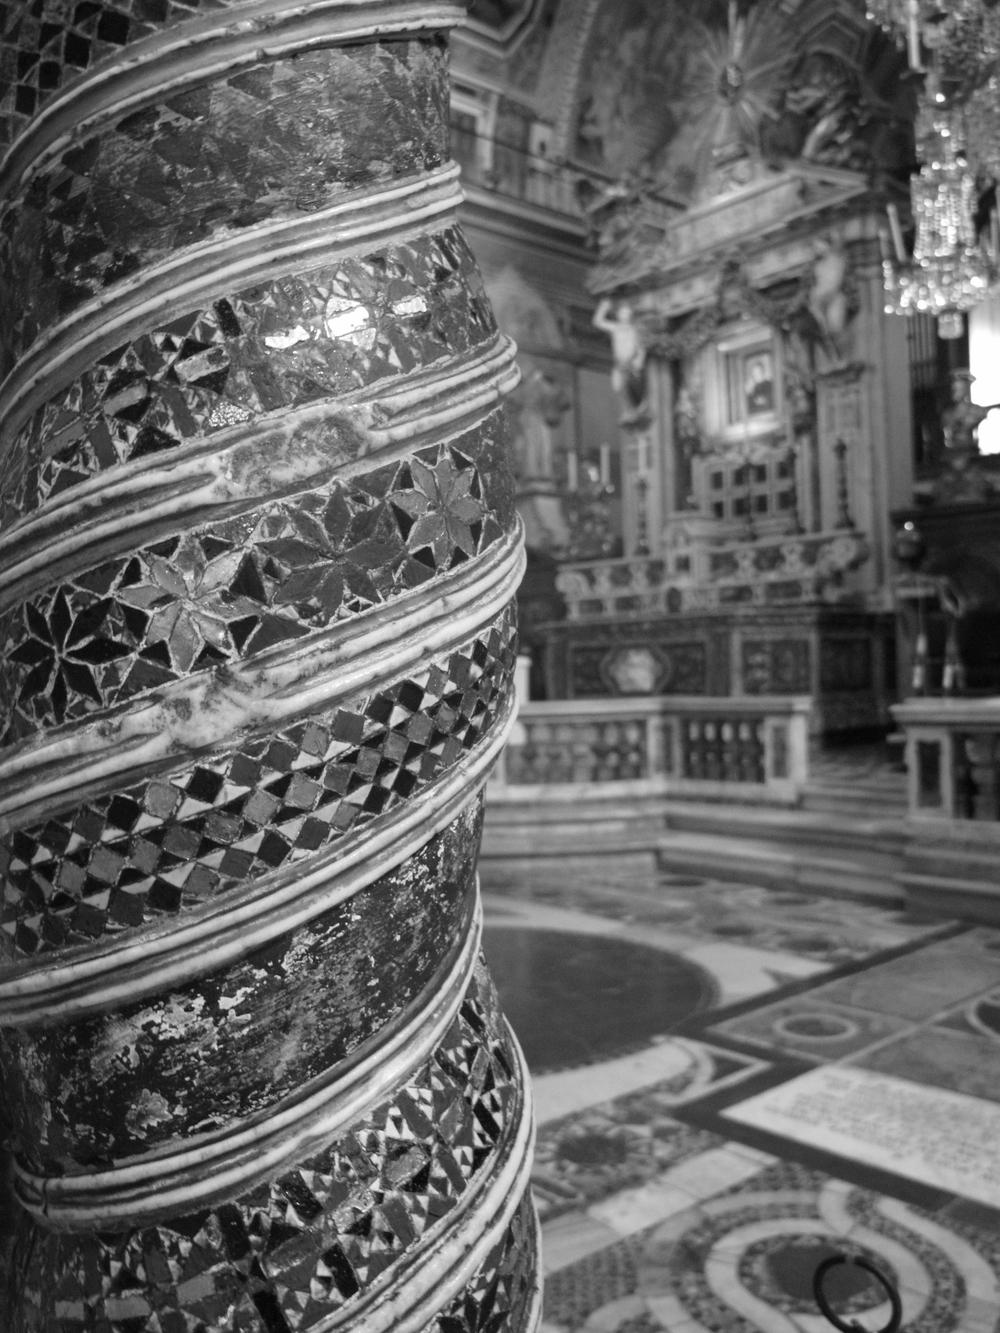 Pillar in the Basilica di Santa Maria Maggiore